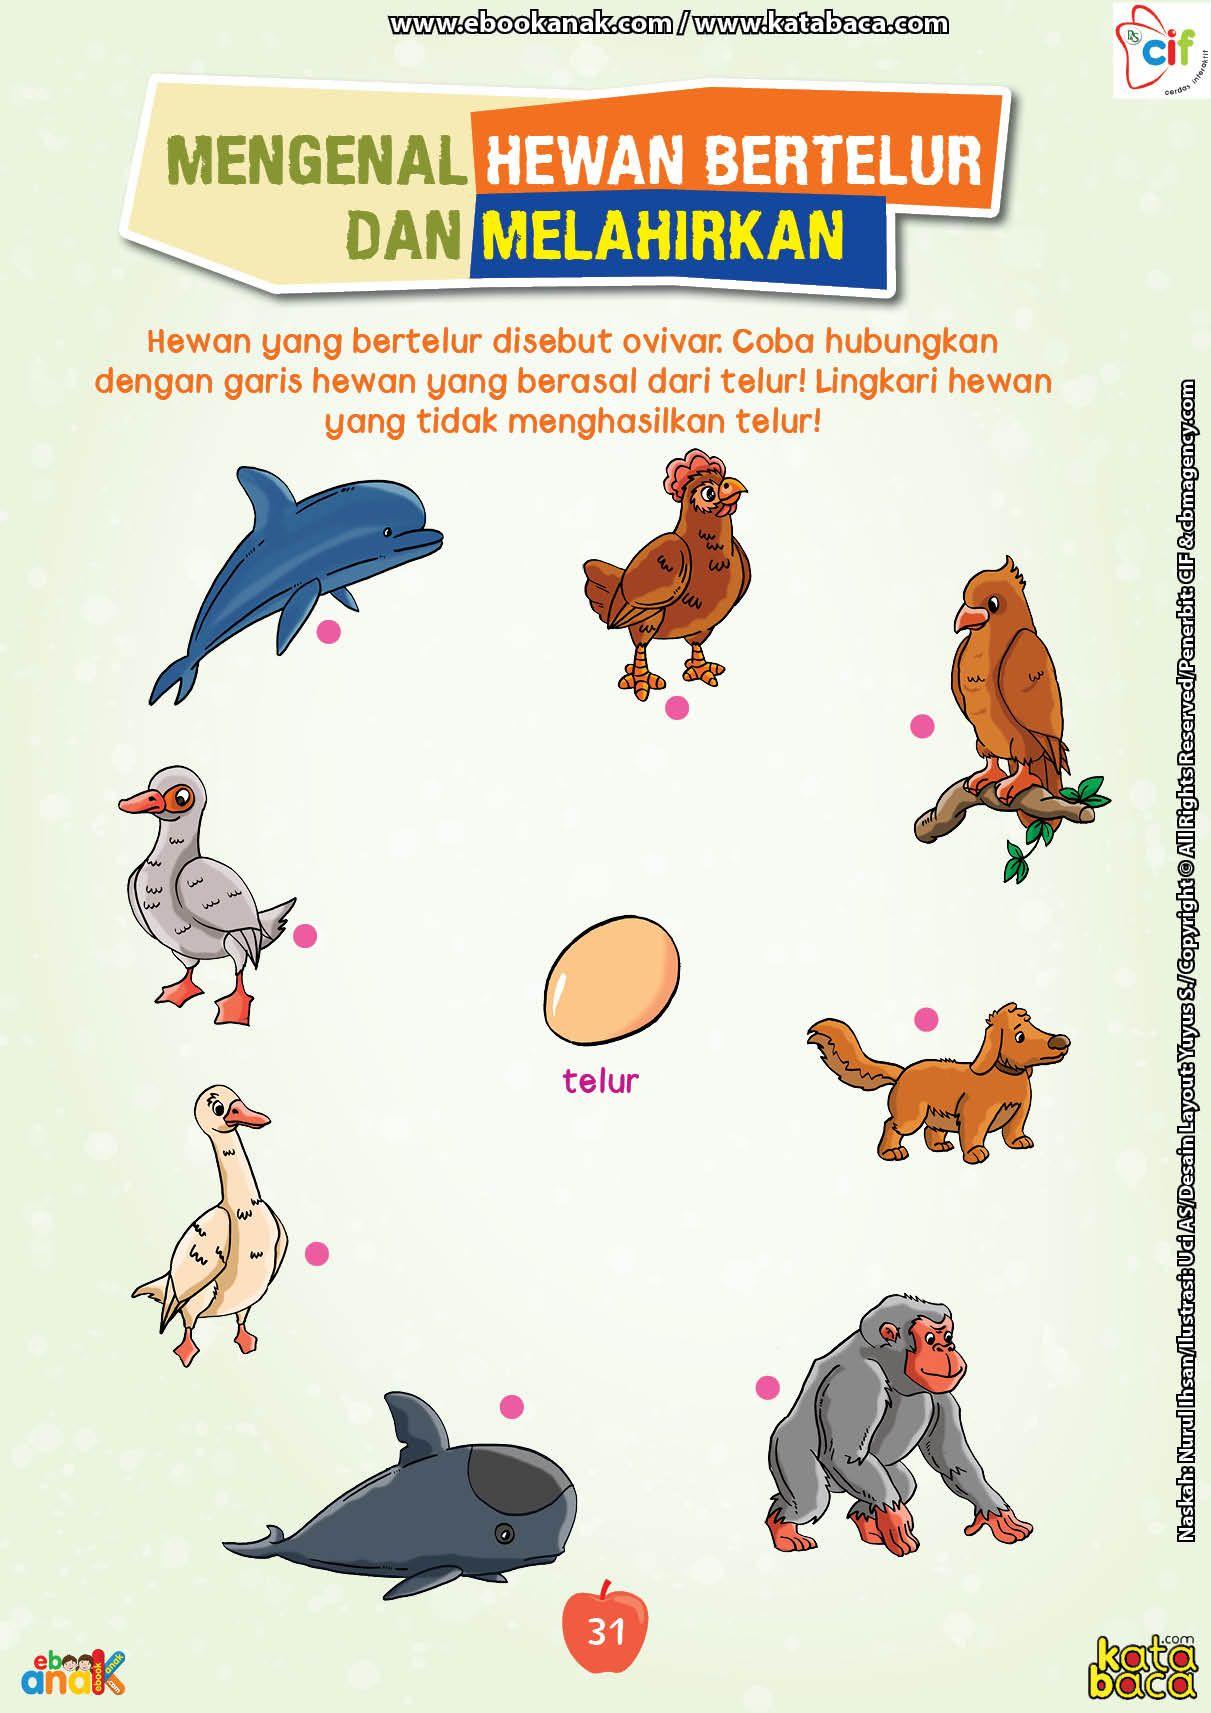 Hewan Bertelur Dan Melahirkan : hewan, bertelur, melahirkan, Mengenal, Hewan, Bertelur, Melahirkan, Hewan,, Kelas,, Sains